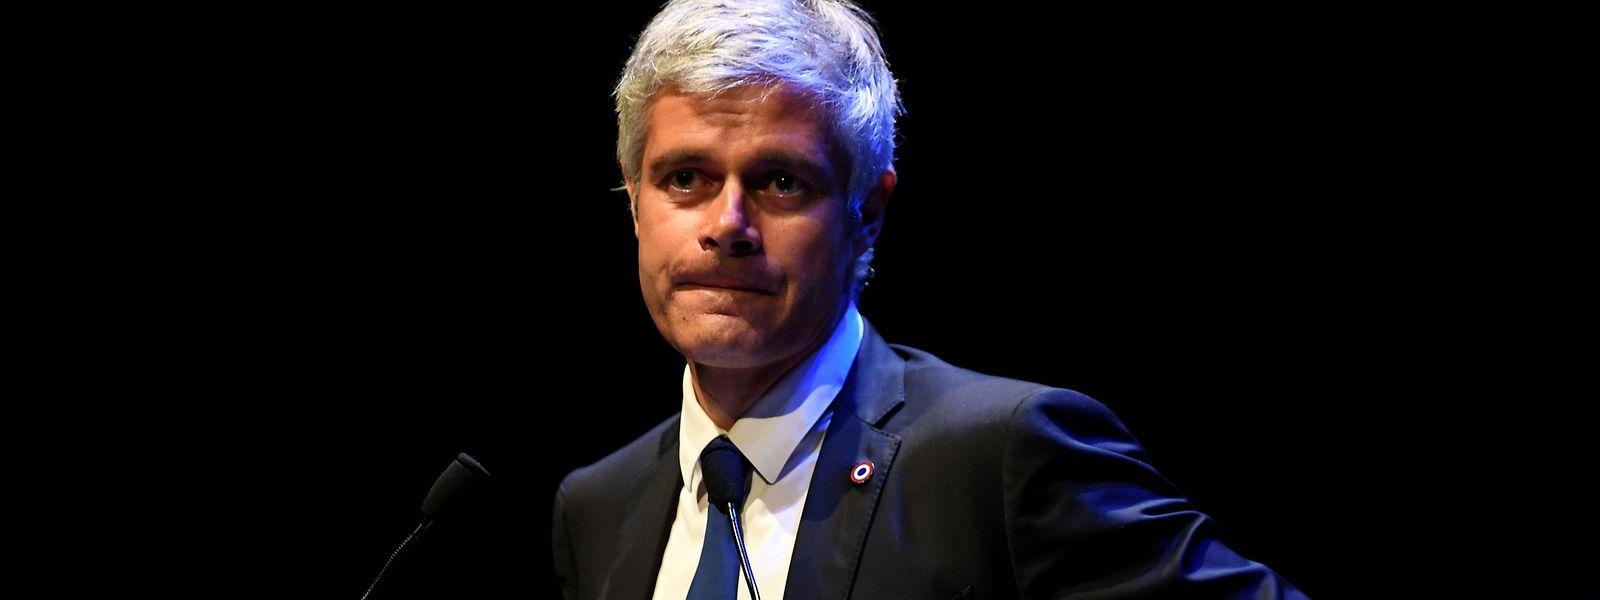 Nach dem schwachen Abschneiden der konservativen Republikaner bei der Europawahl in Frankreich hat Parteichef Laurent Wauquiez seinen Rückzug von der Parteispitze angekündigt.